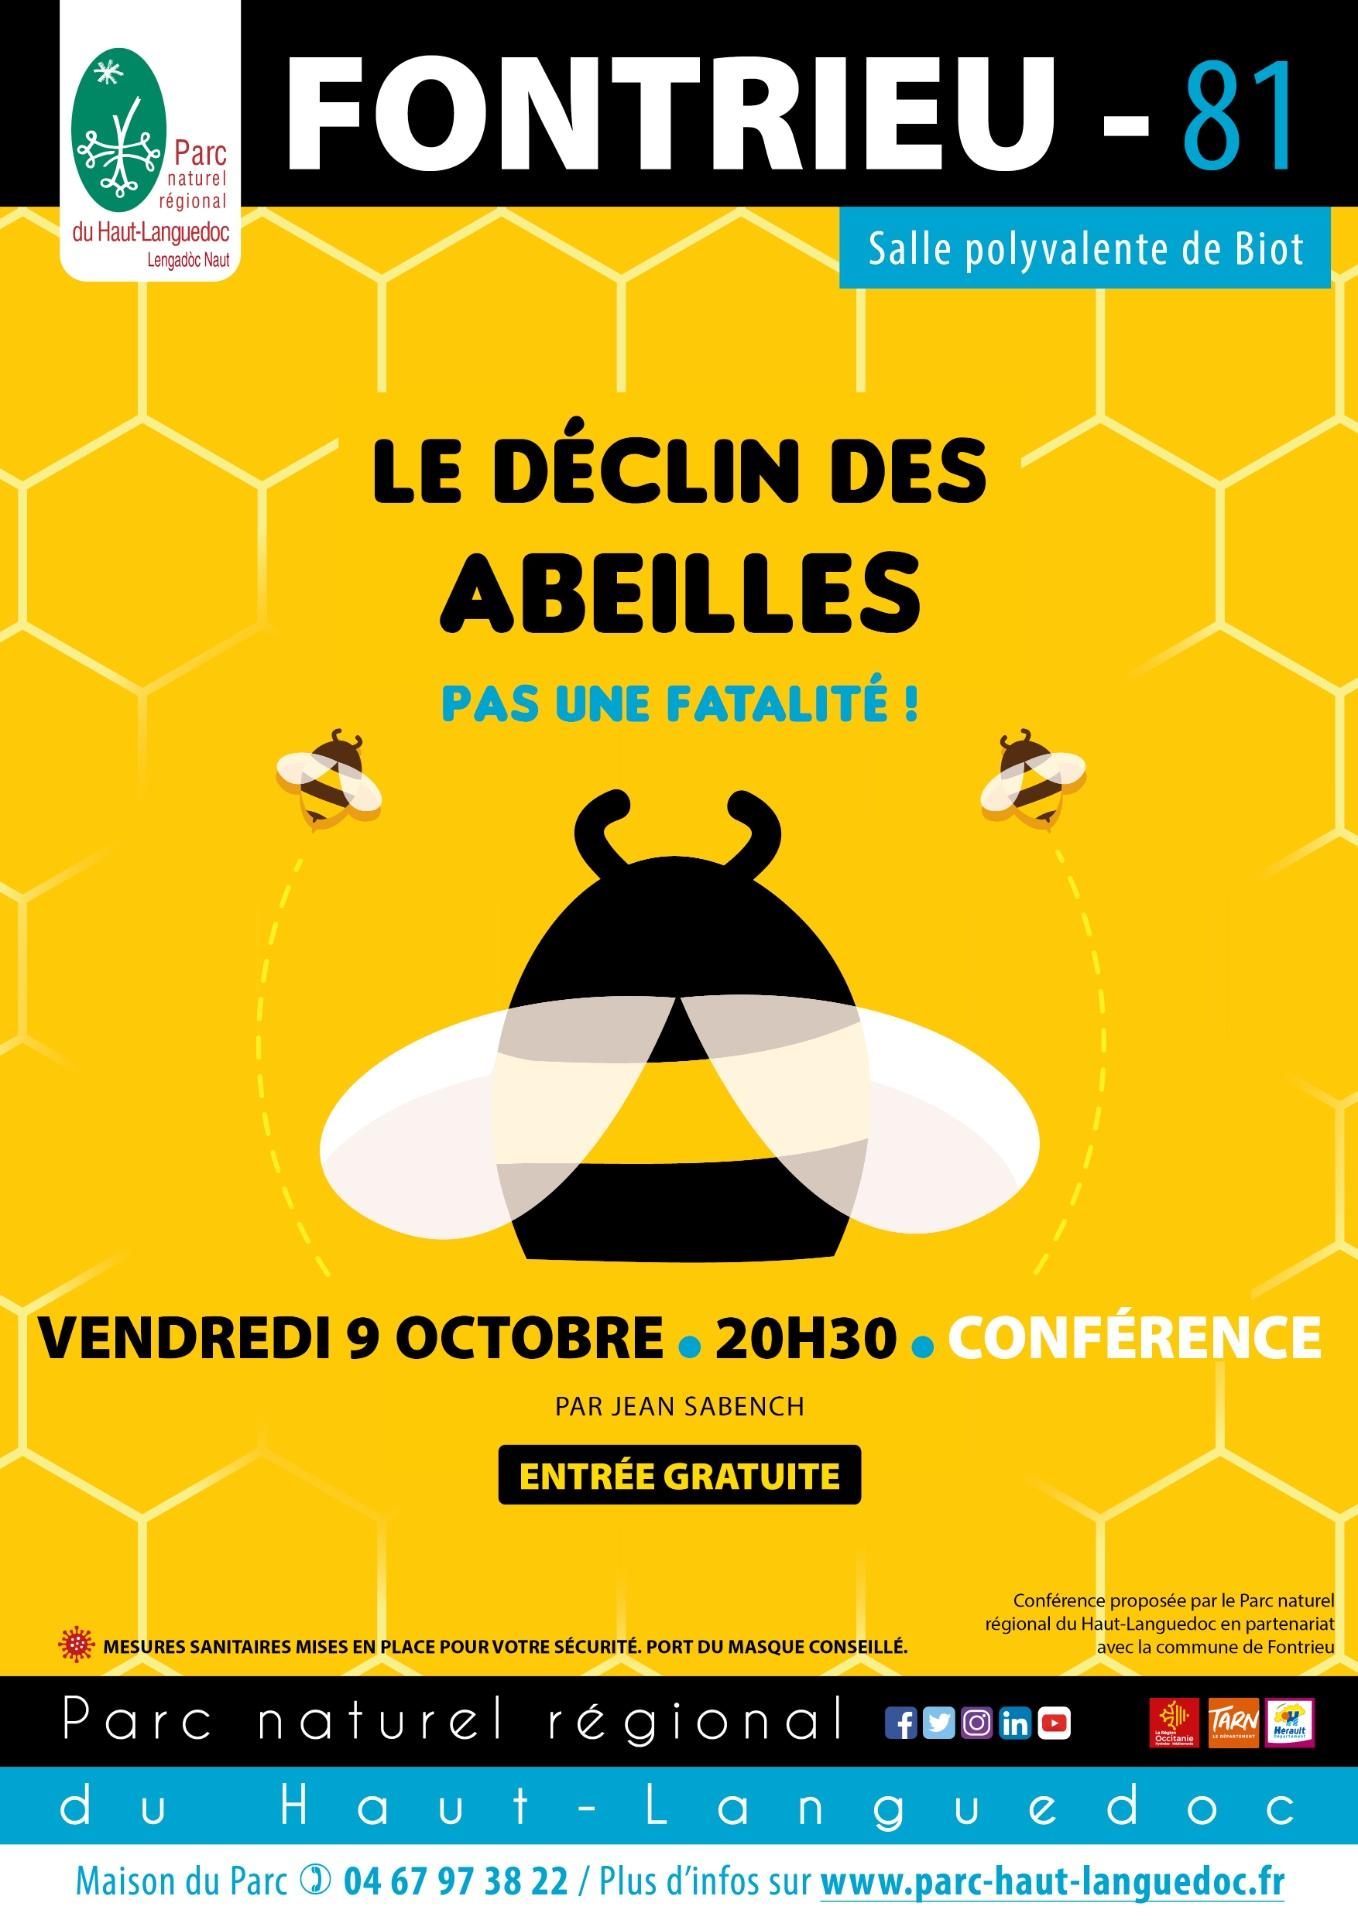 20201009 Affiche Conférence Le déclin des abeilles Fontrieu 81